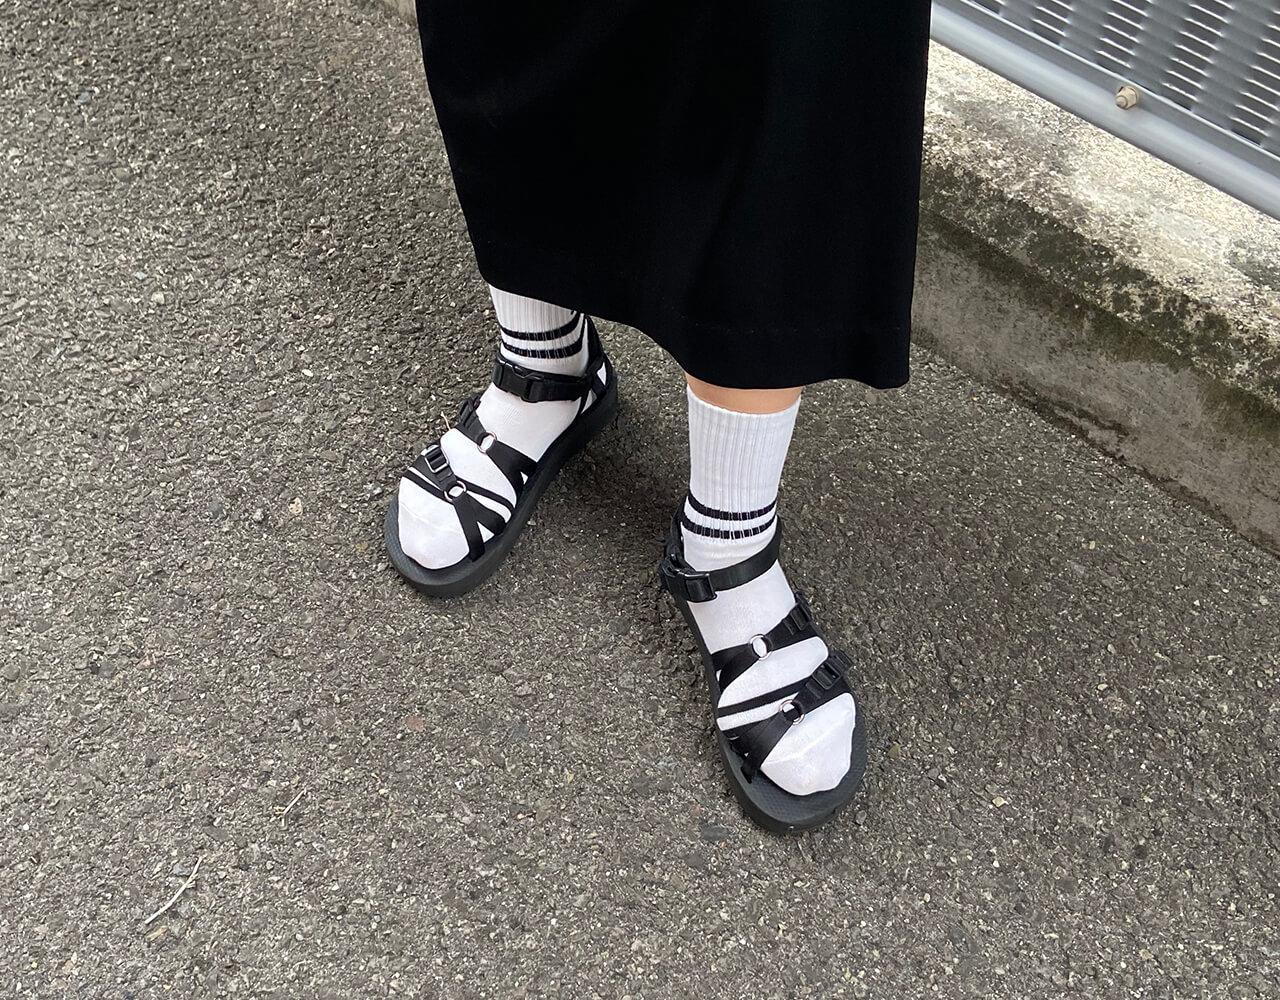 高木綾子/トップス/plage スカート/plage ソックス/GU サンダル/SUICOKE